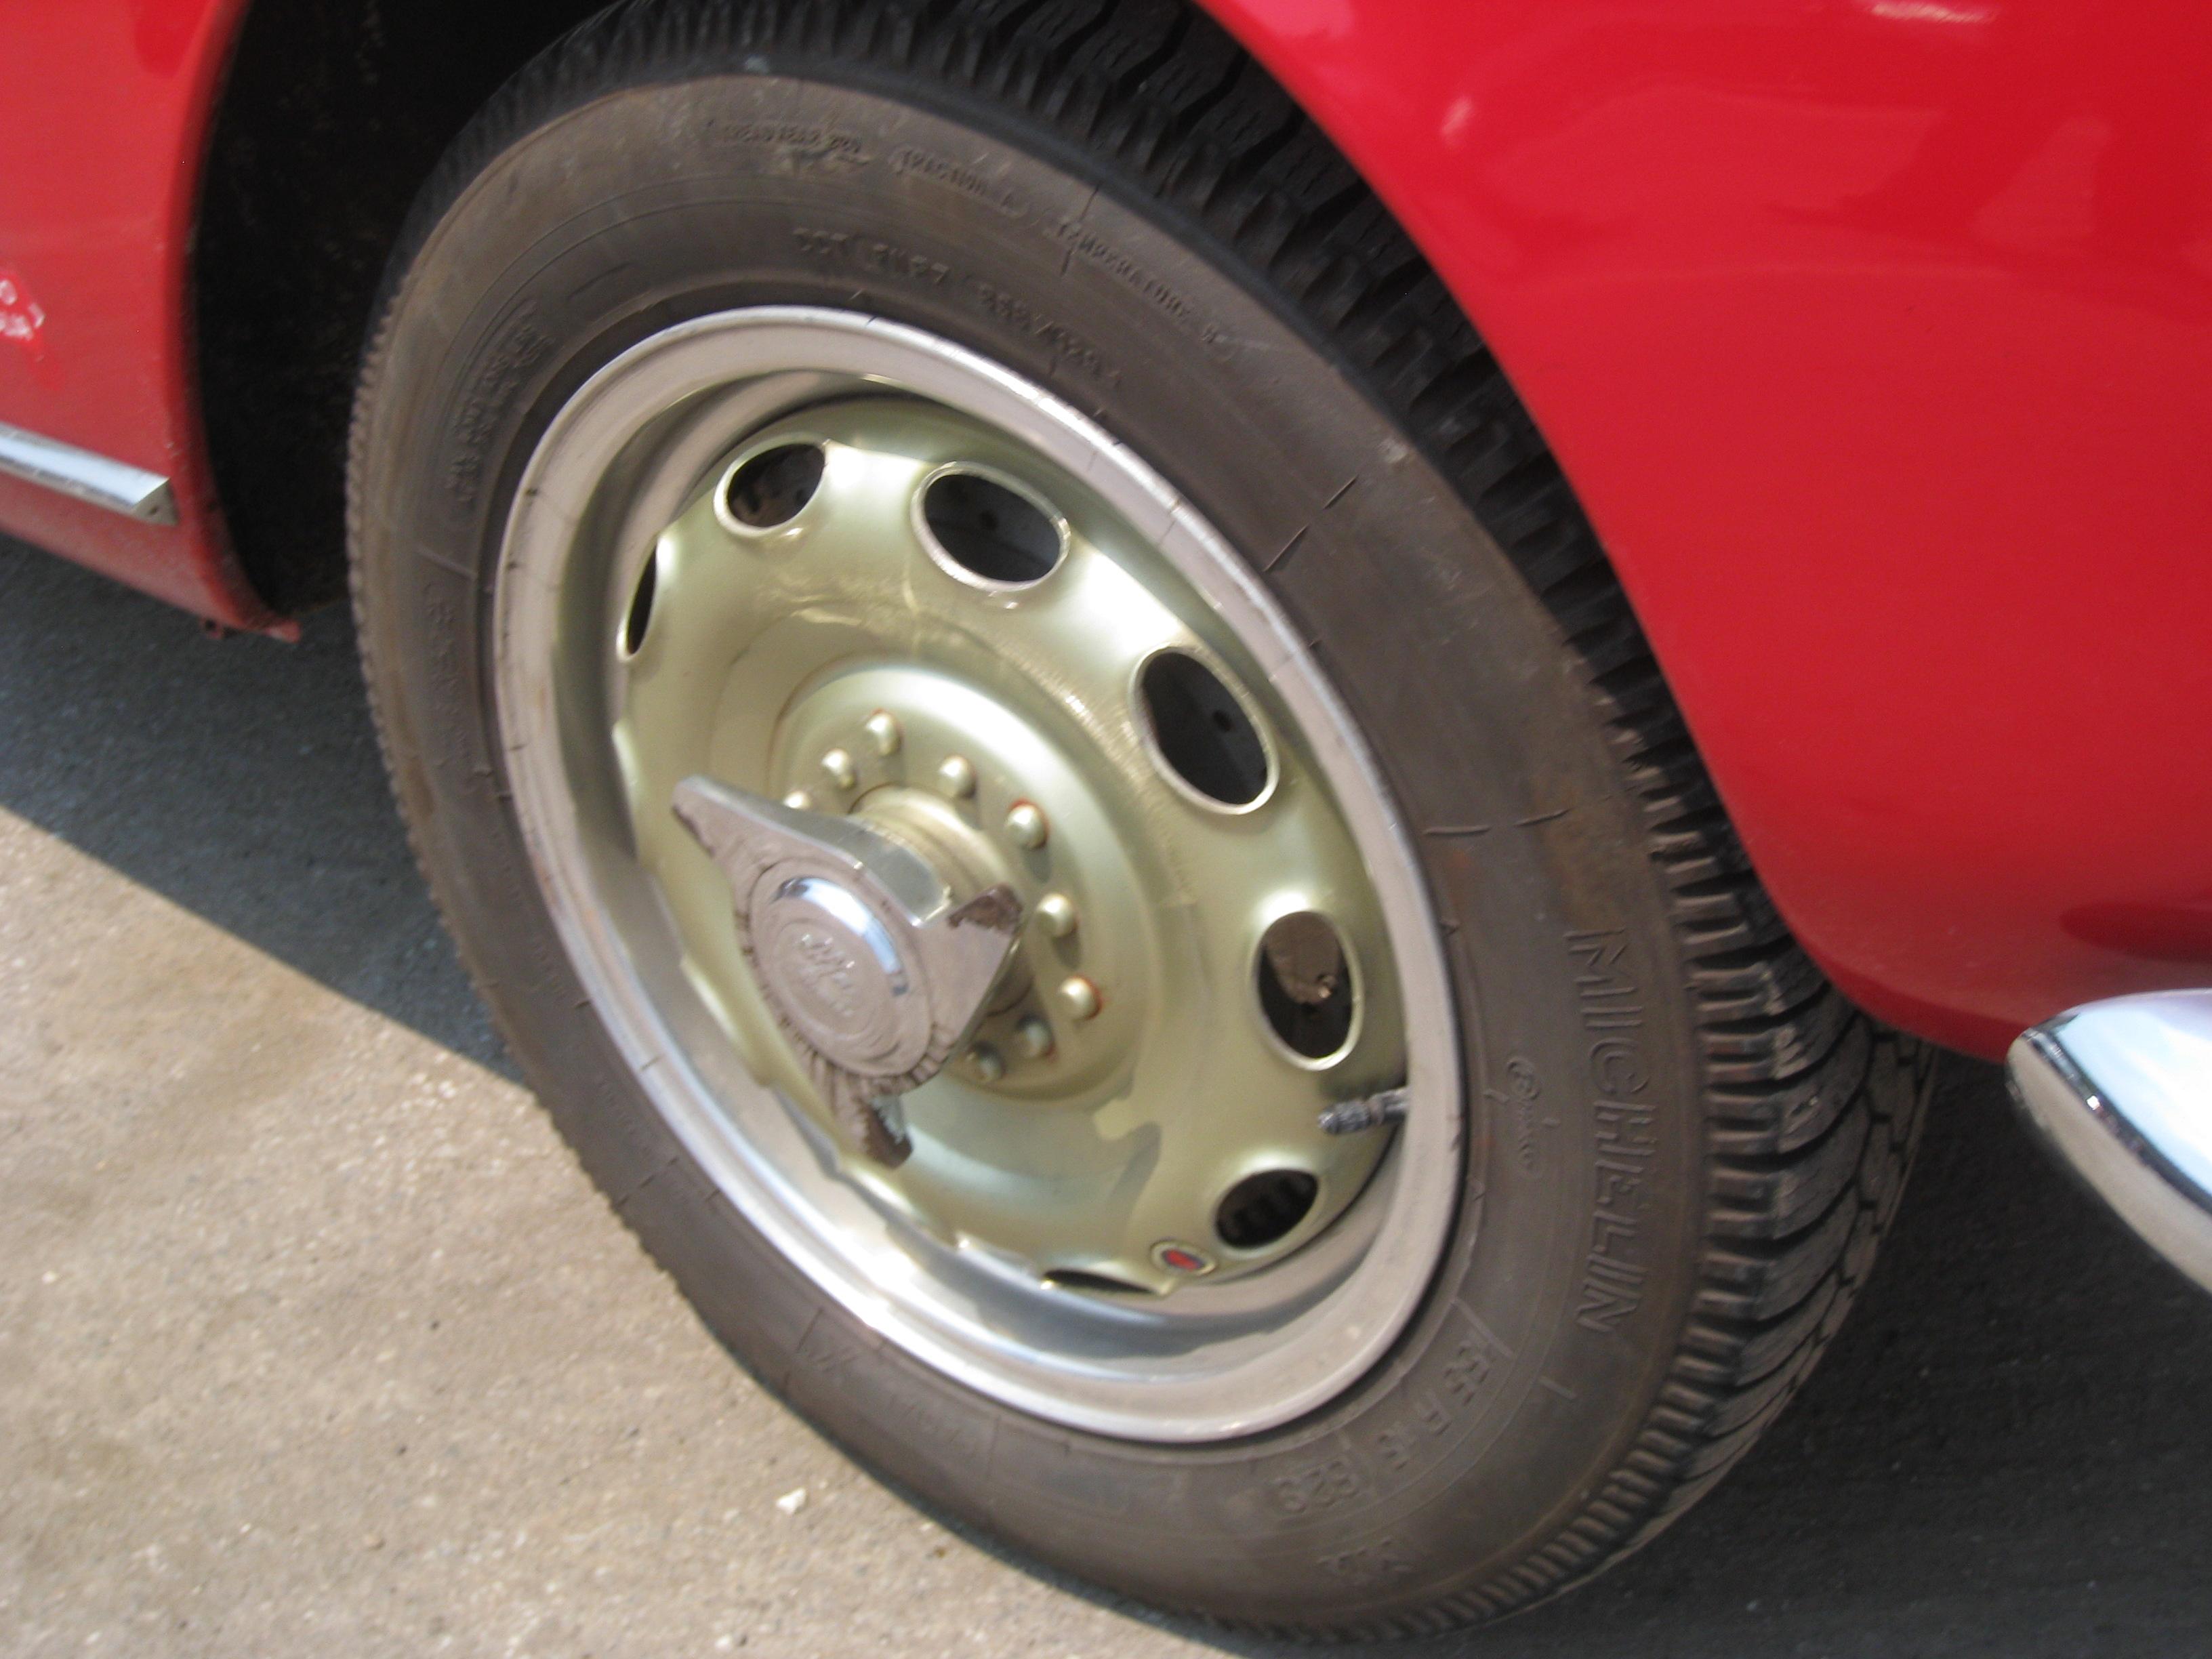 on this Giulietta Spider.